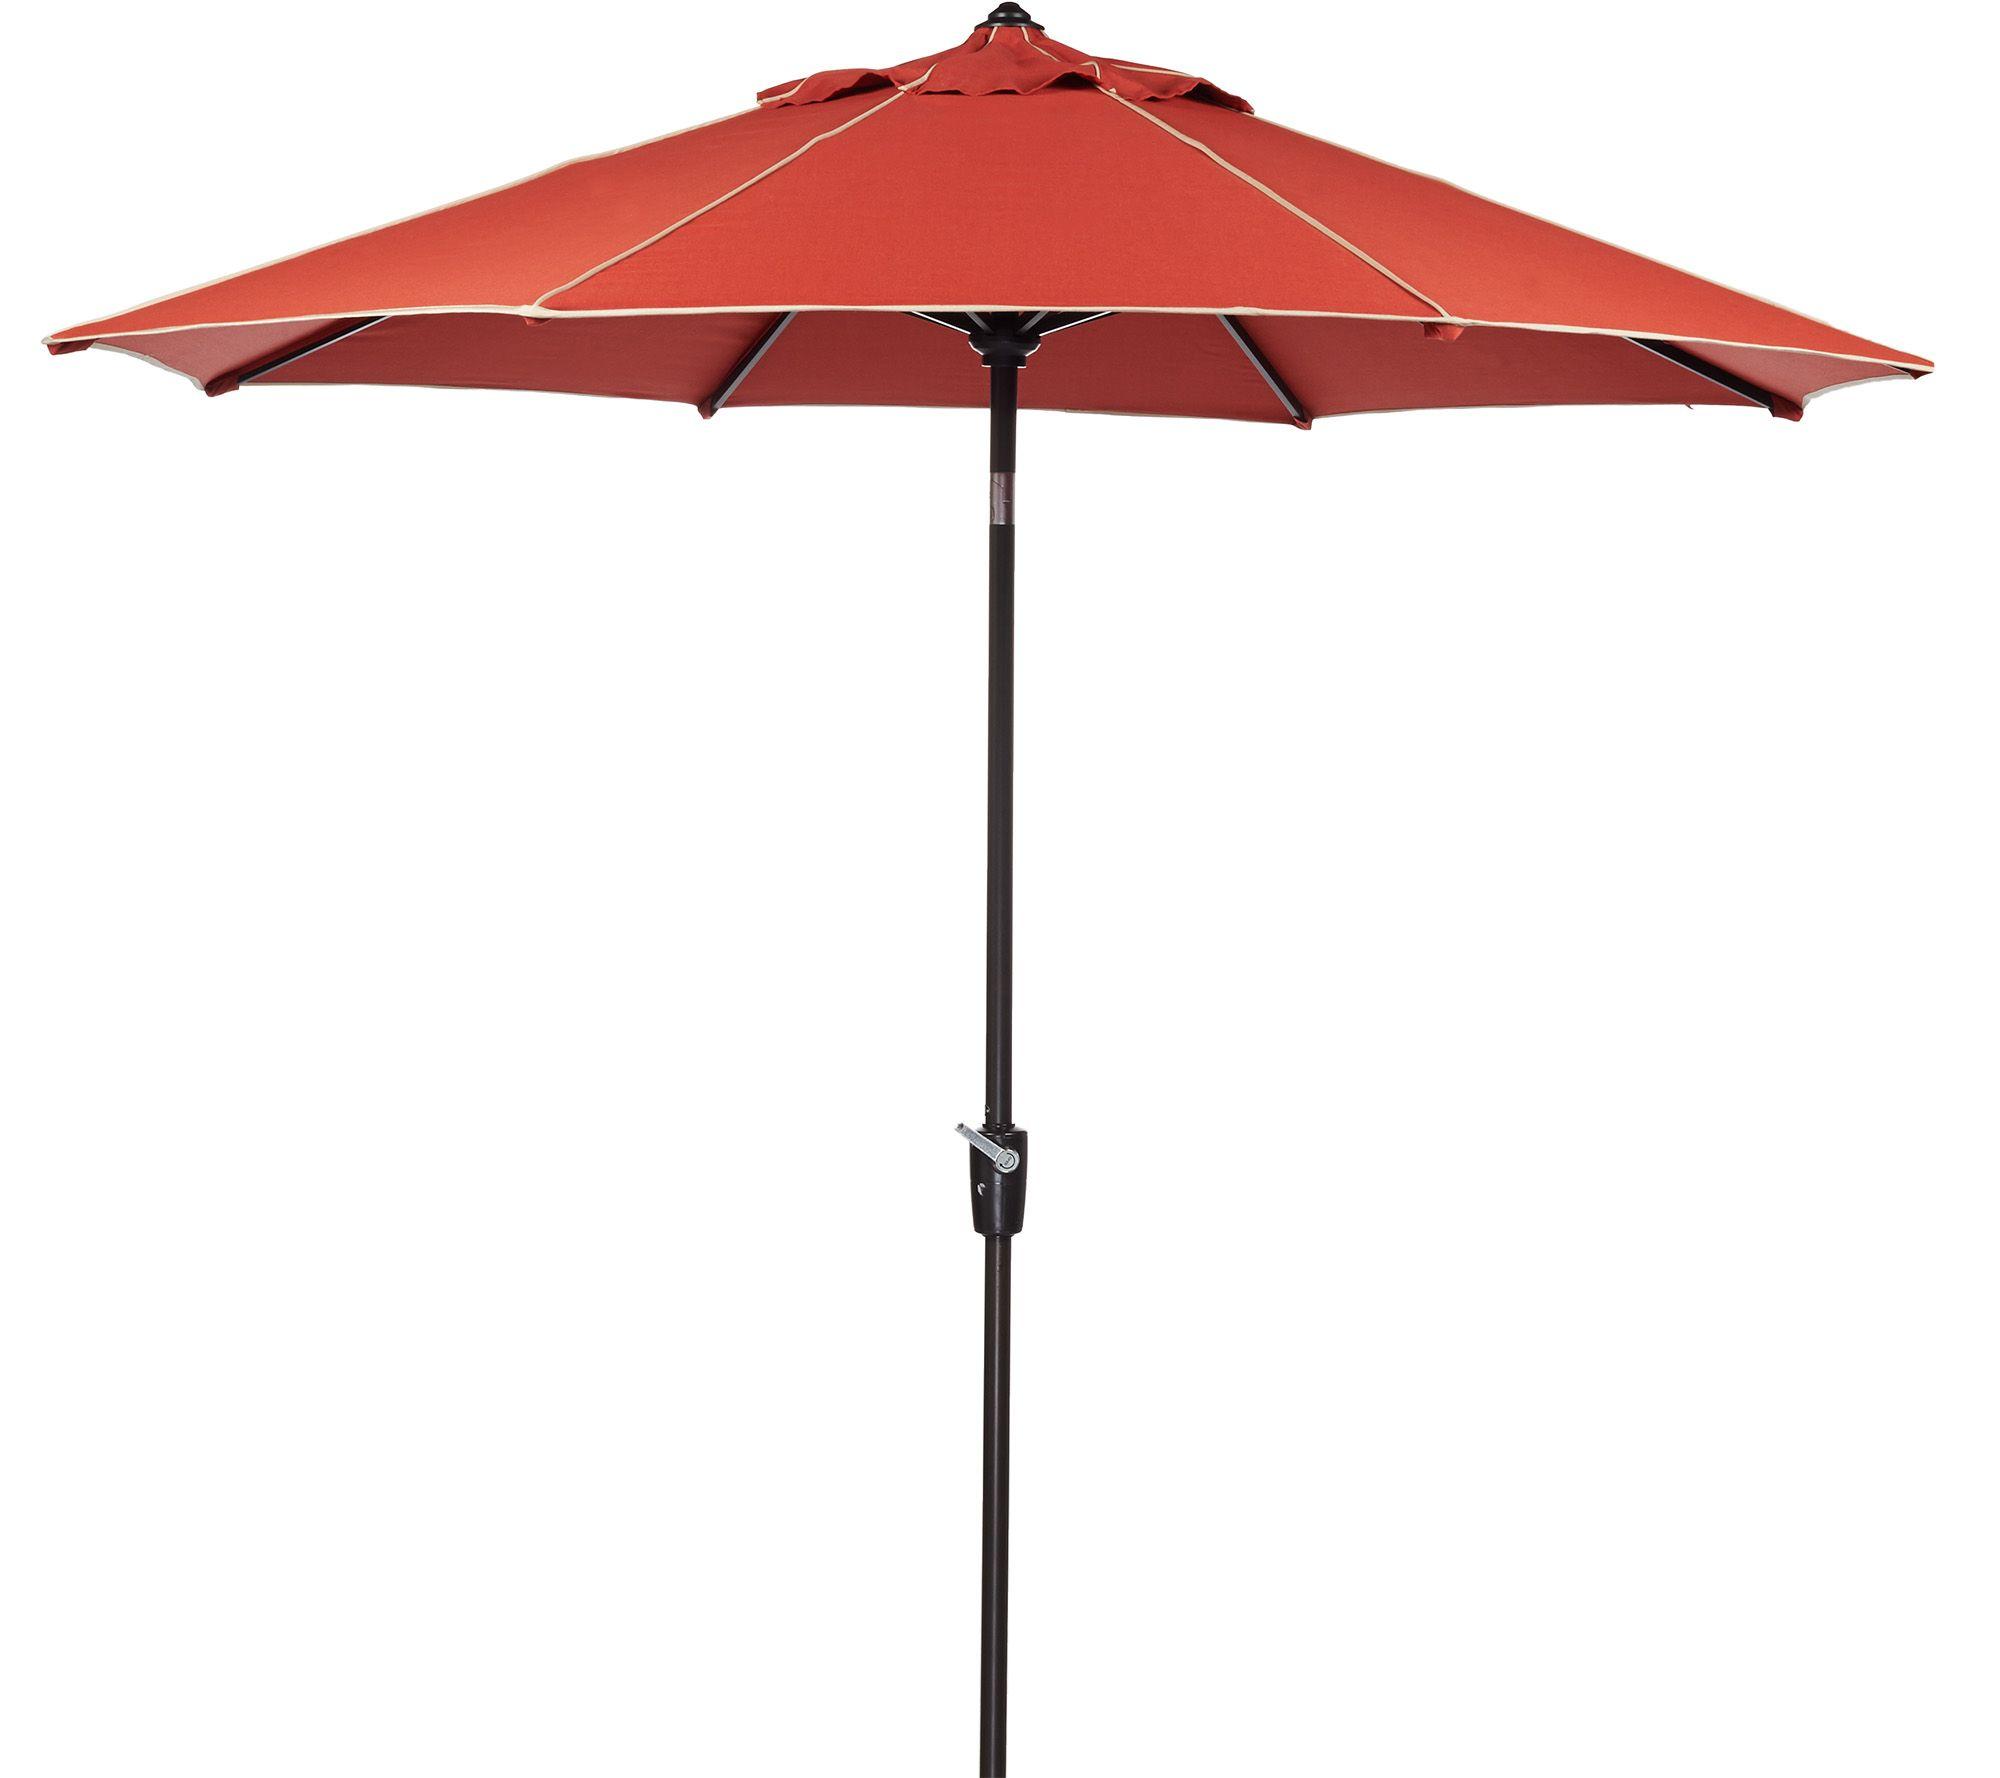 Scott Living Crank & Tilt Umbrella with Cover Page 1 — QVC